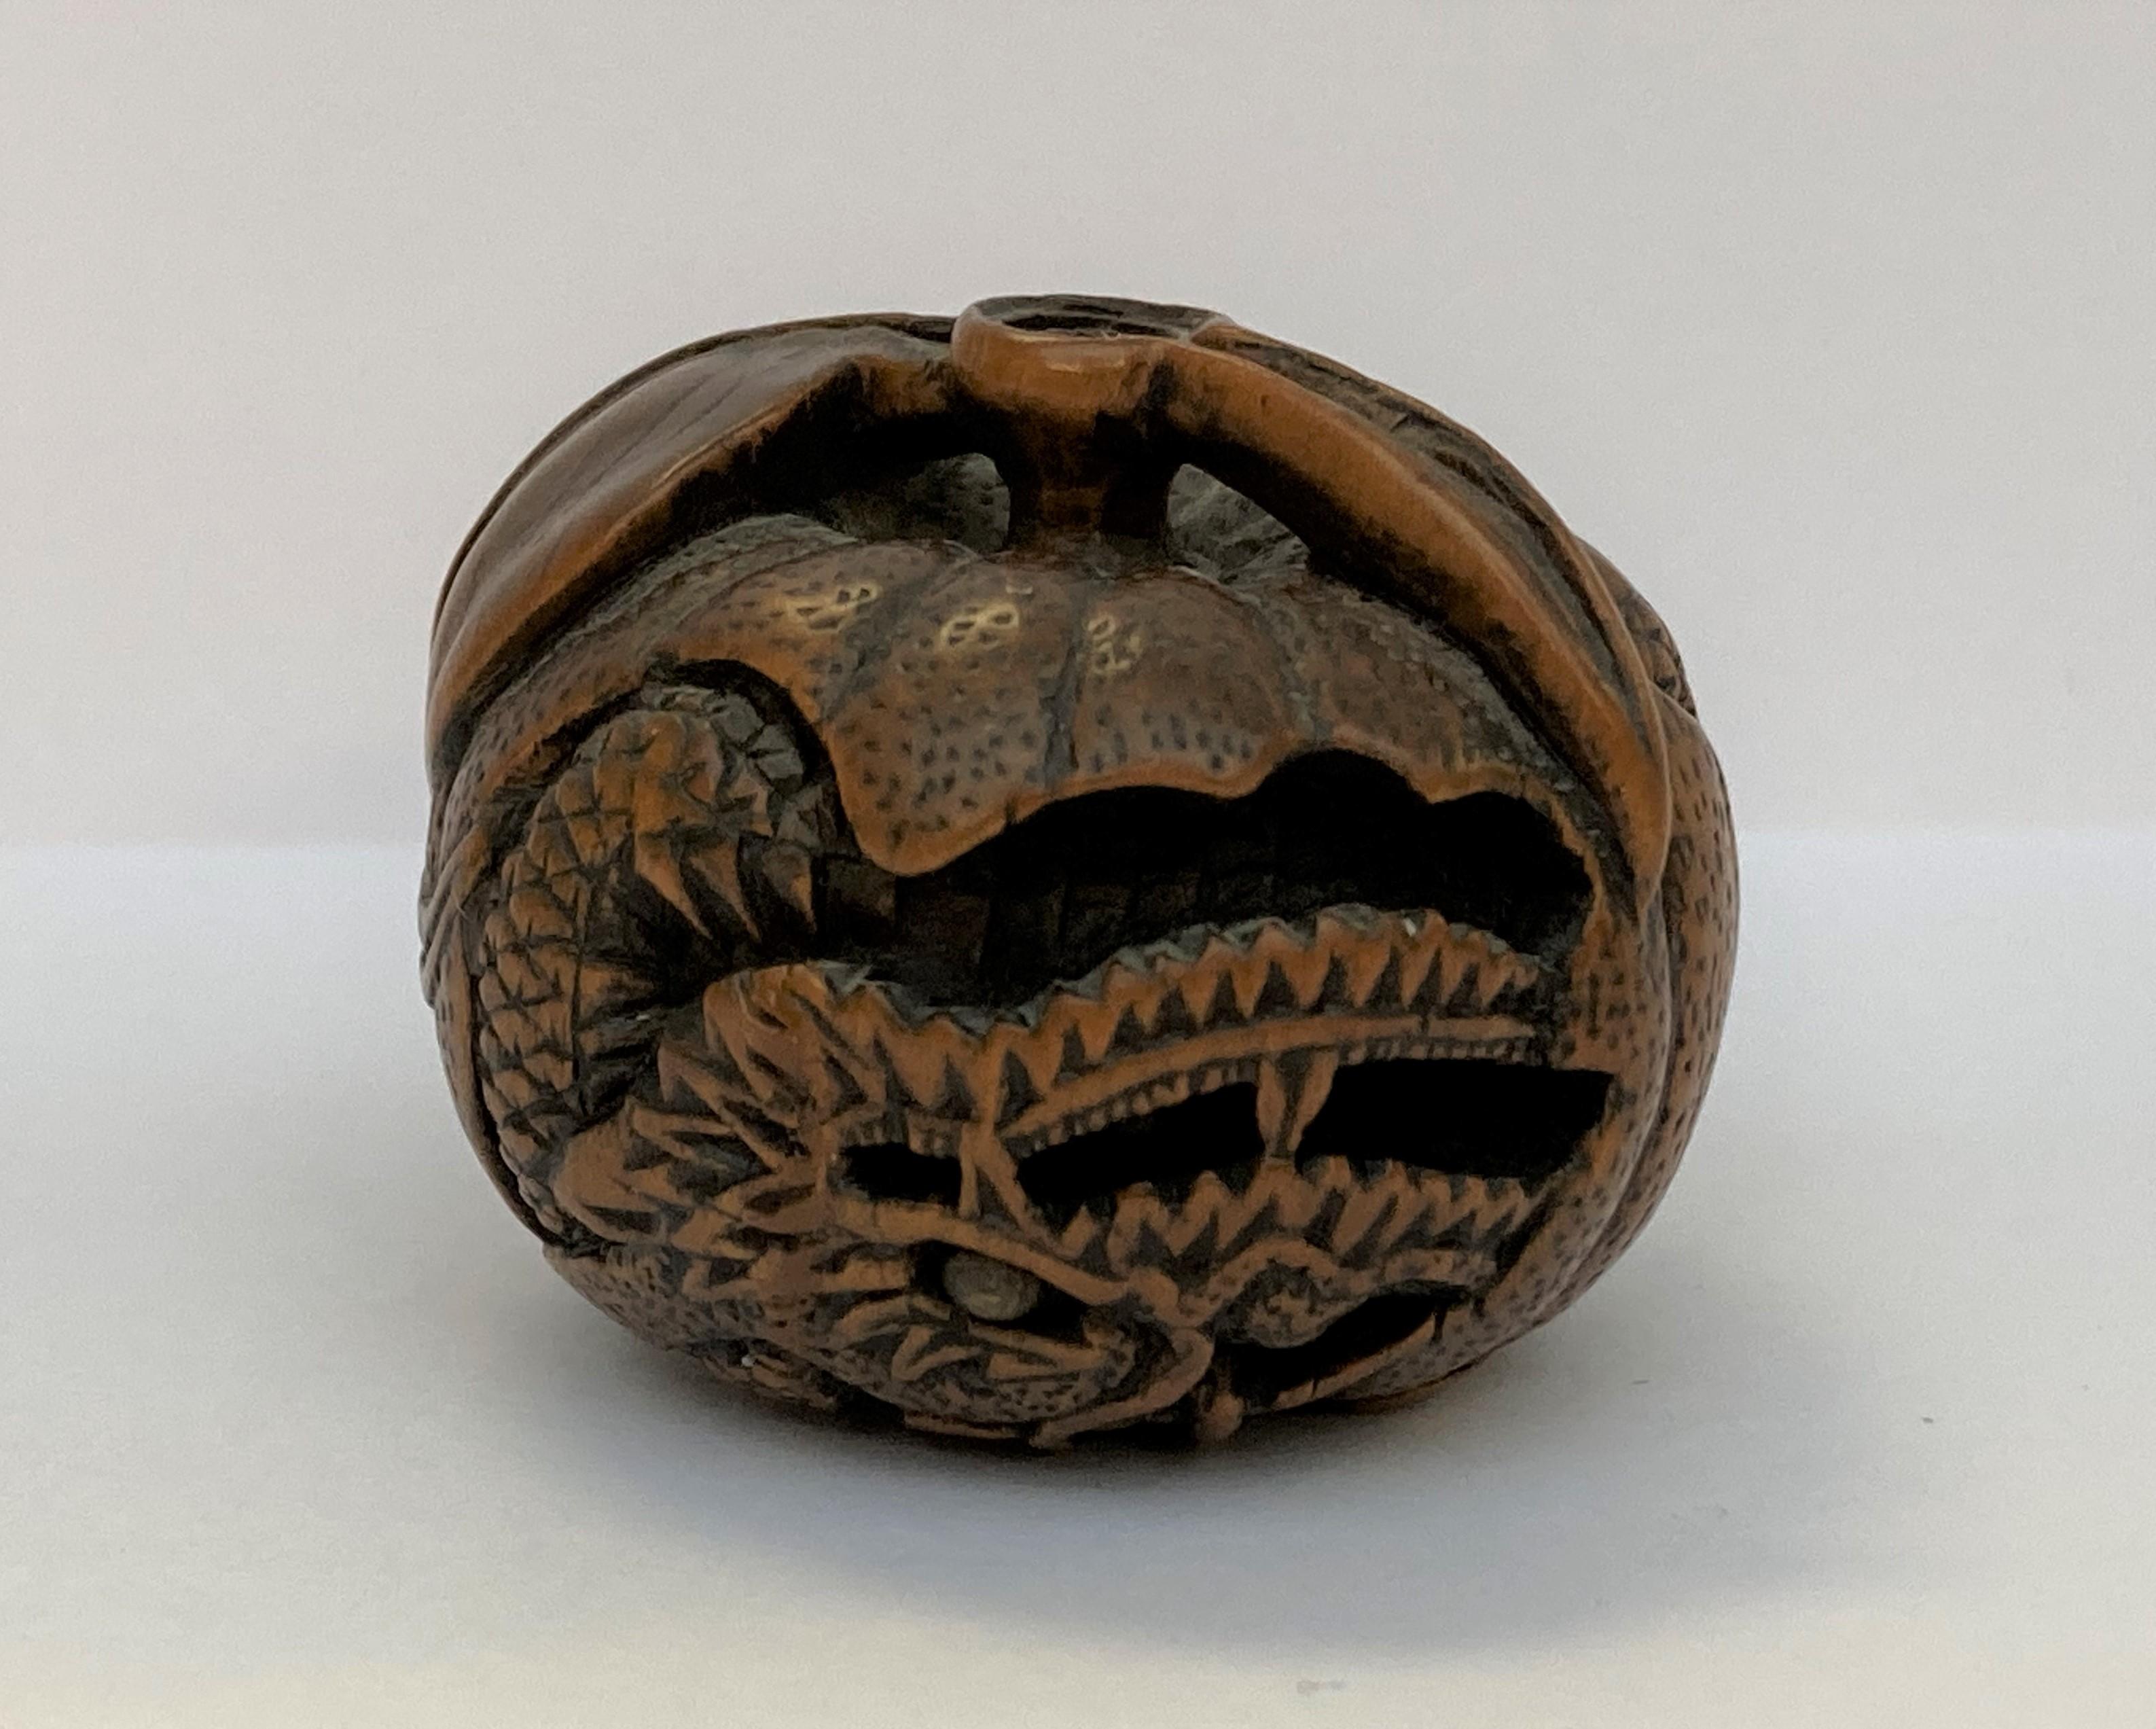 NETSUKE en buis figurant un dragon enroulé sur lui-même dans un mikan, son oeil visible incrusté